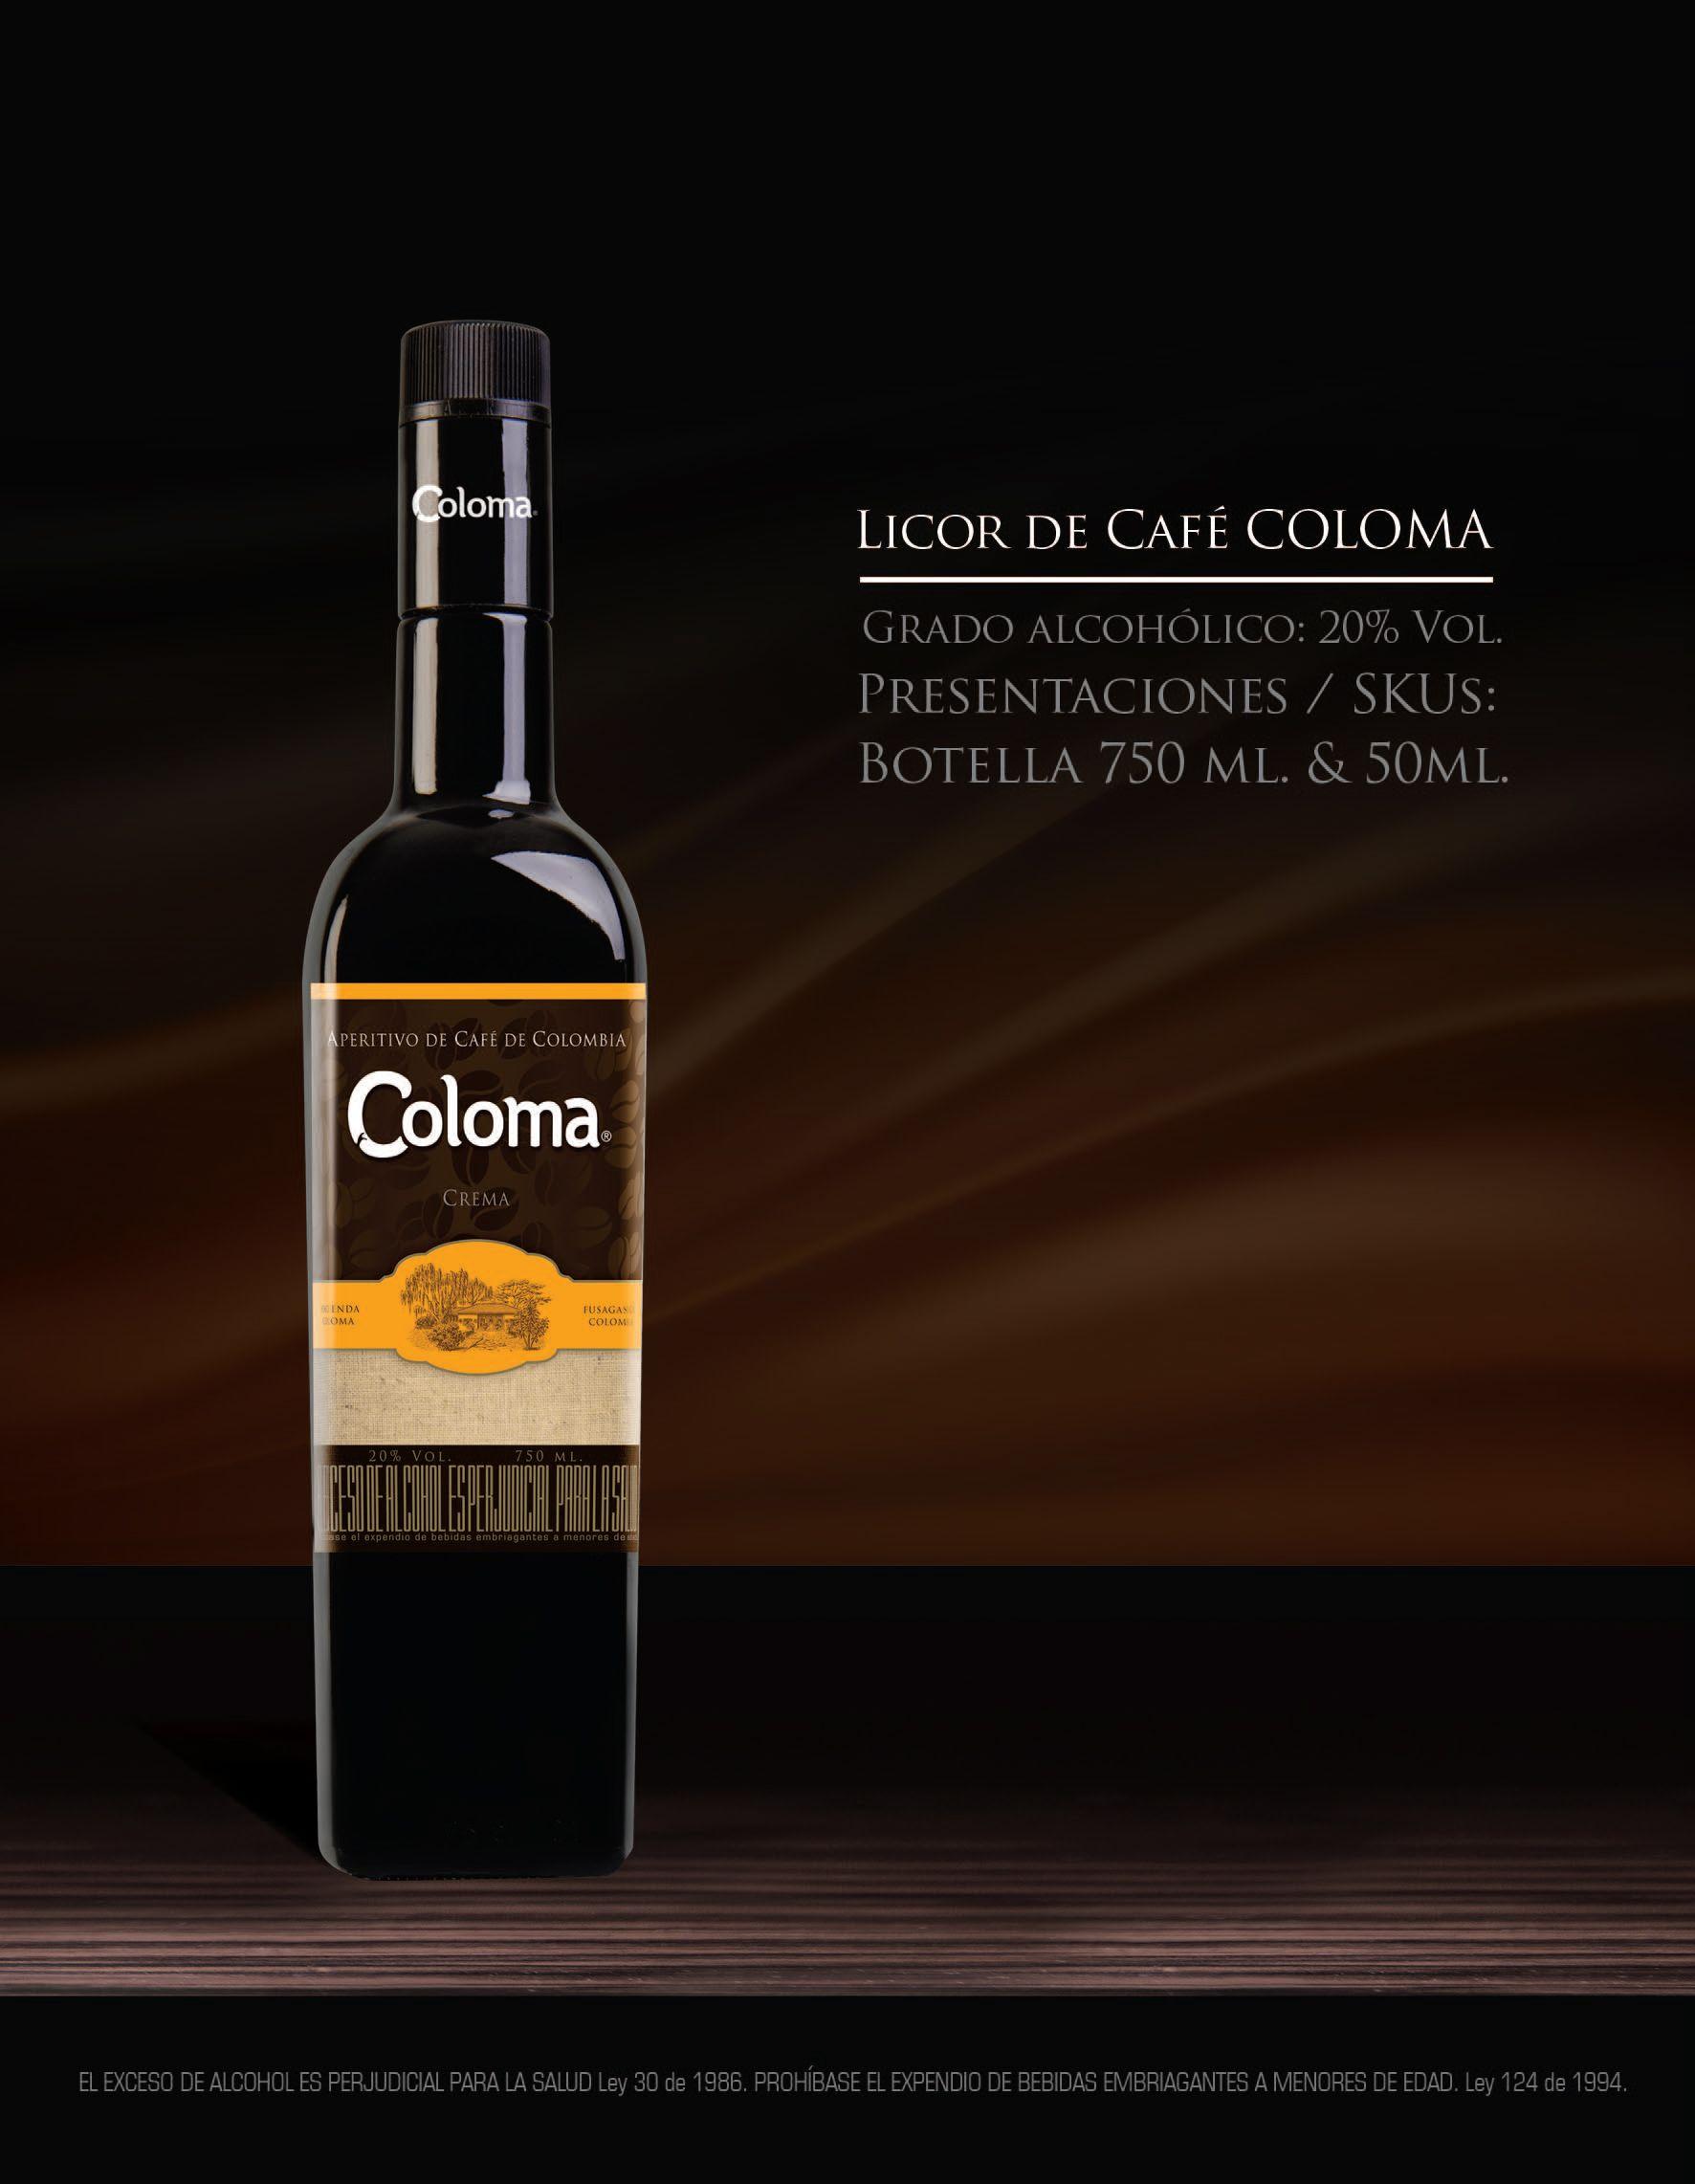 COLOMA LICOR DE CAFE LIQUOR COFFEE